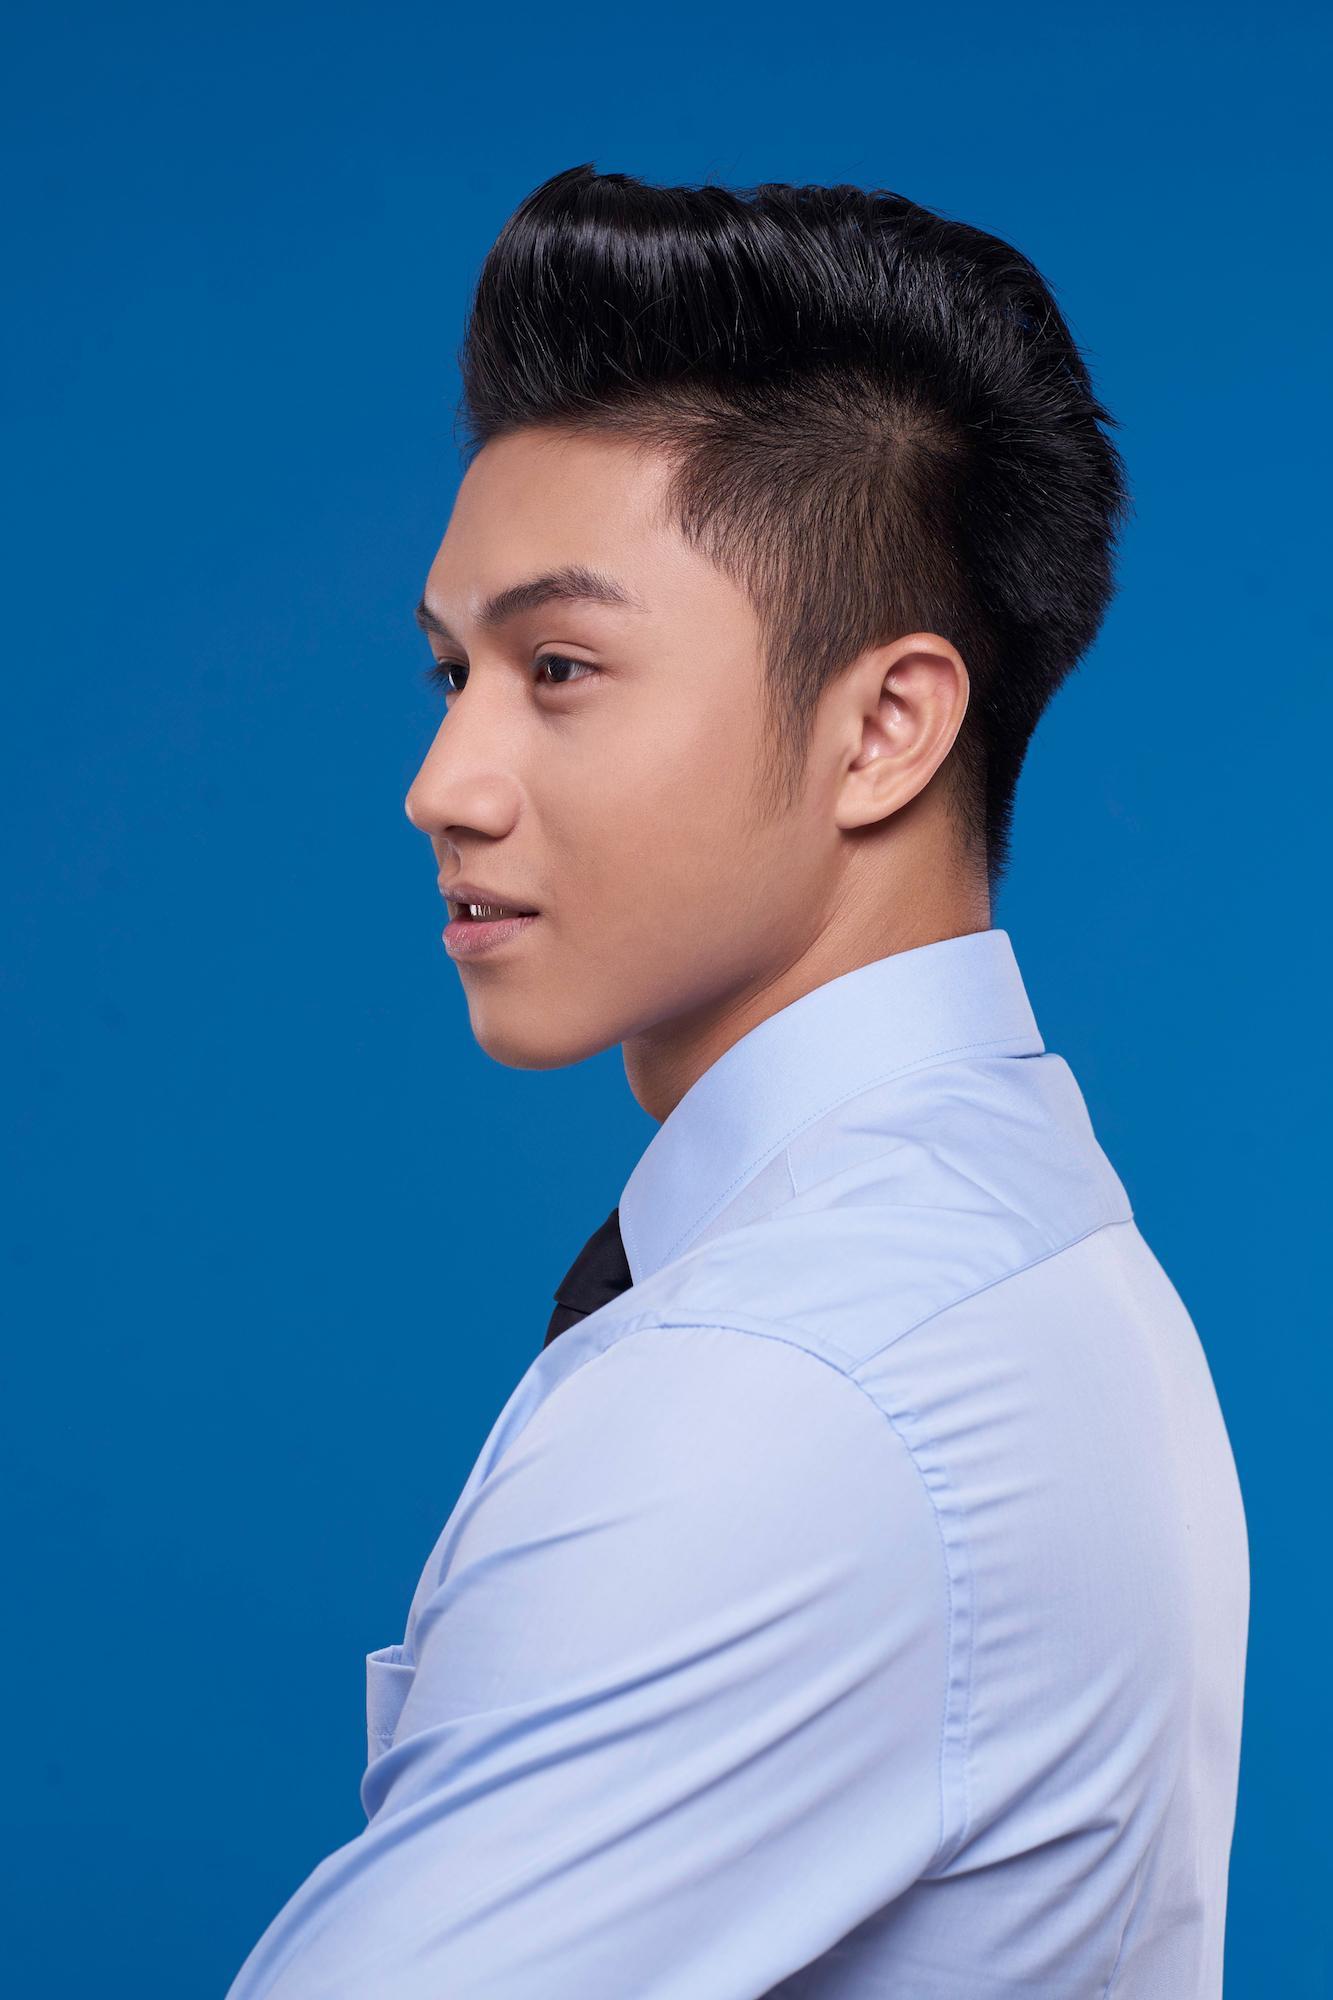 Pria asia dengan warna rambut hitam menggunakan gaya rambut pompadour.